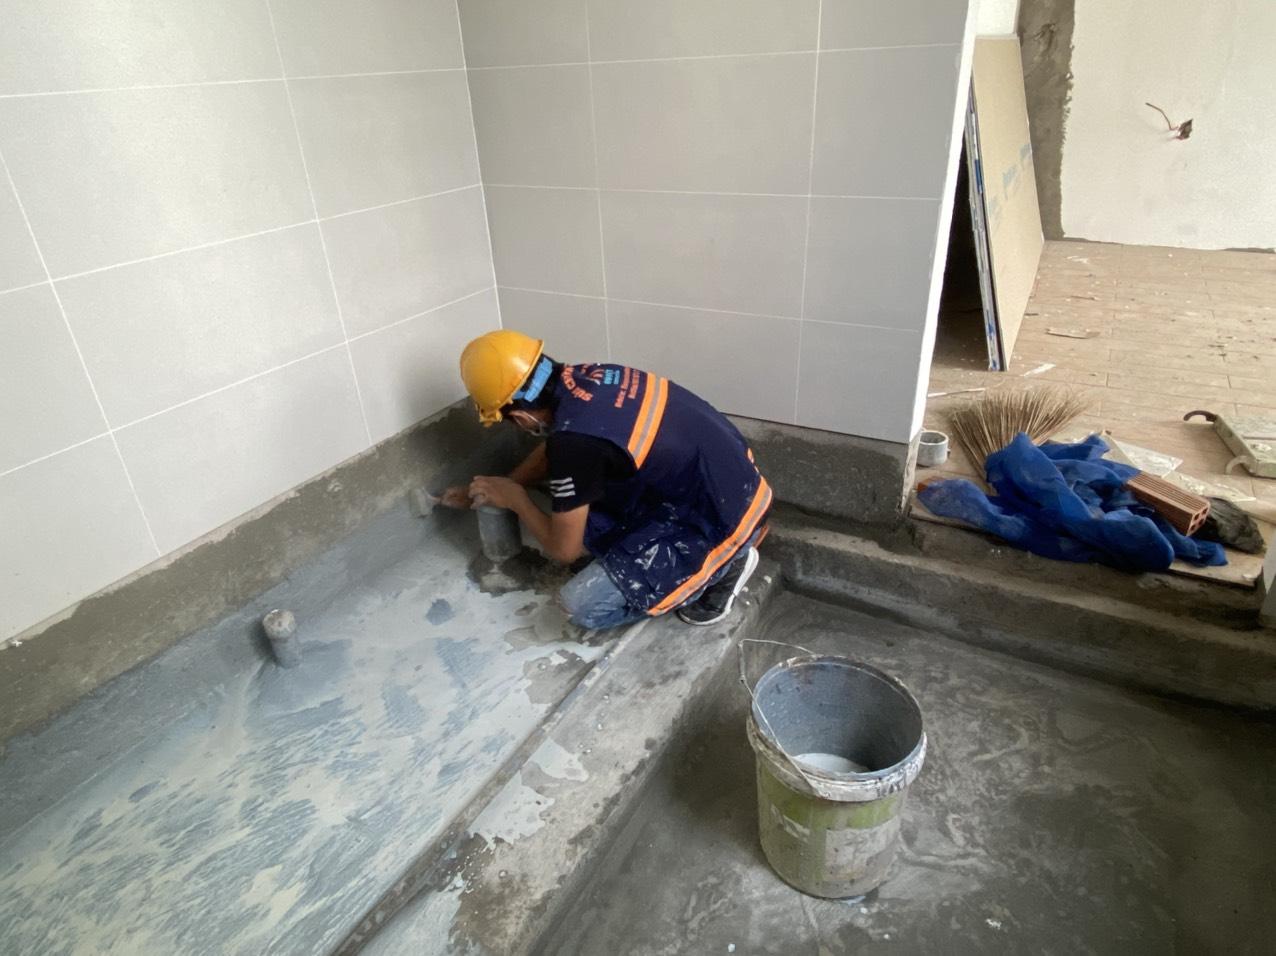 chong tham nha ve sinh tai tphcm 8 - Chống thấm nhà vệ sinh tại TP Hồ Chí Minh triệt để 100%